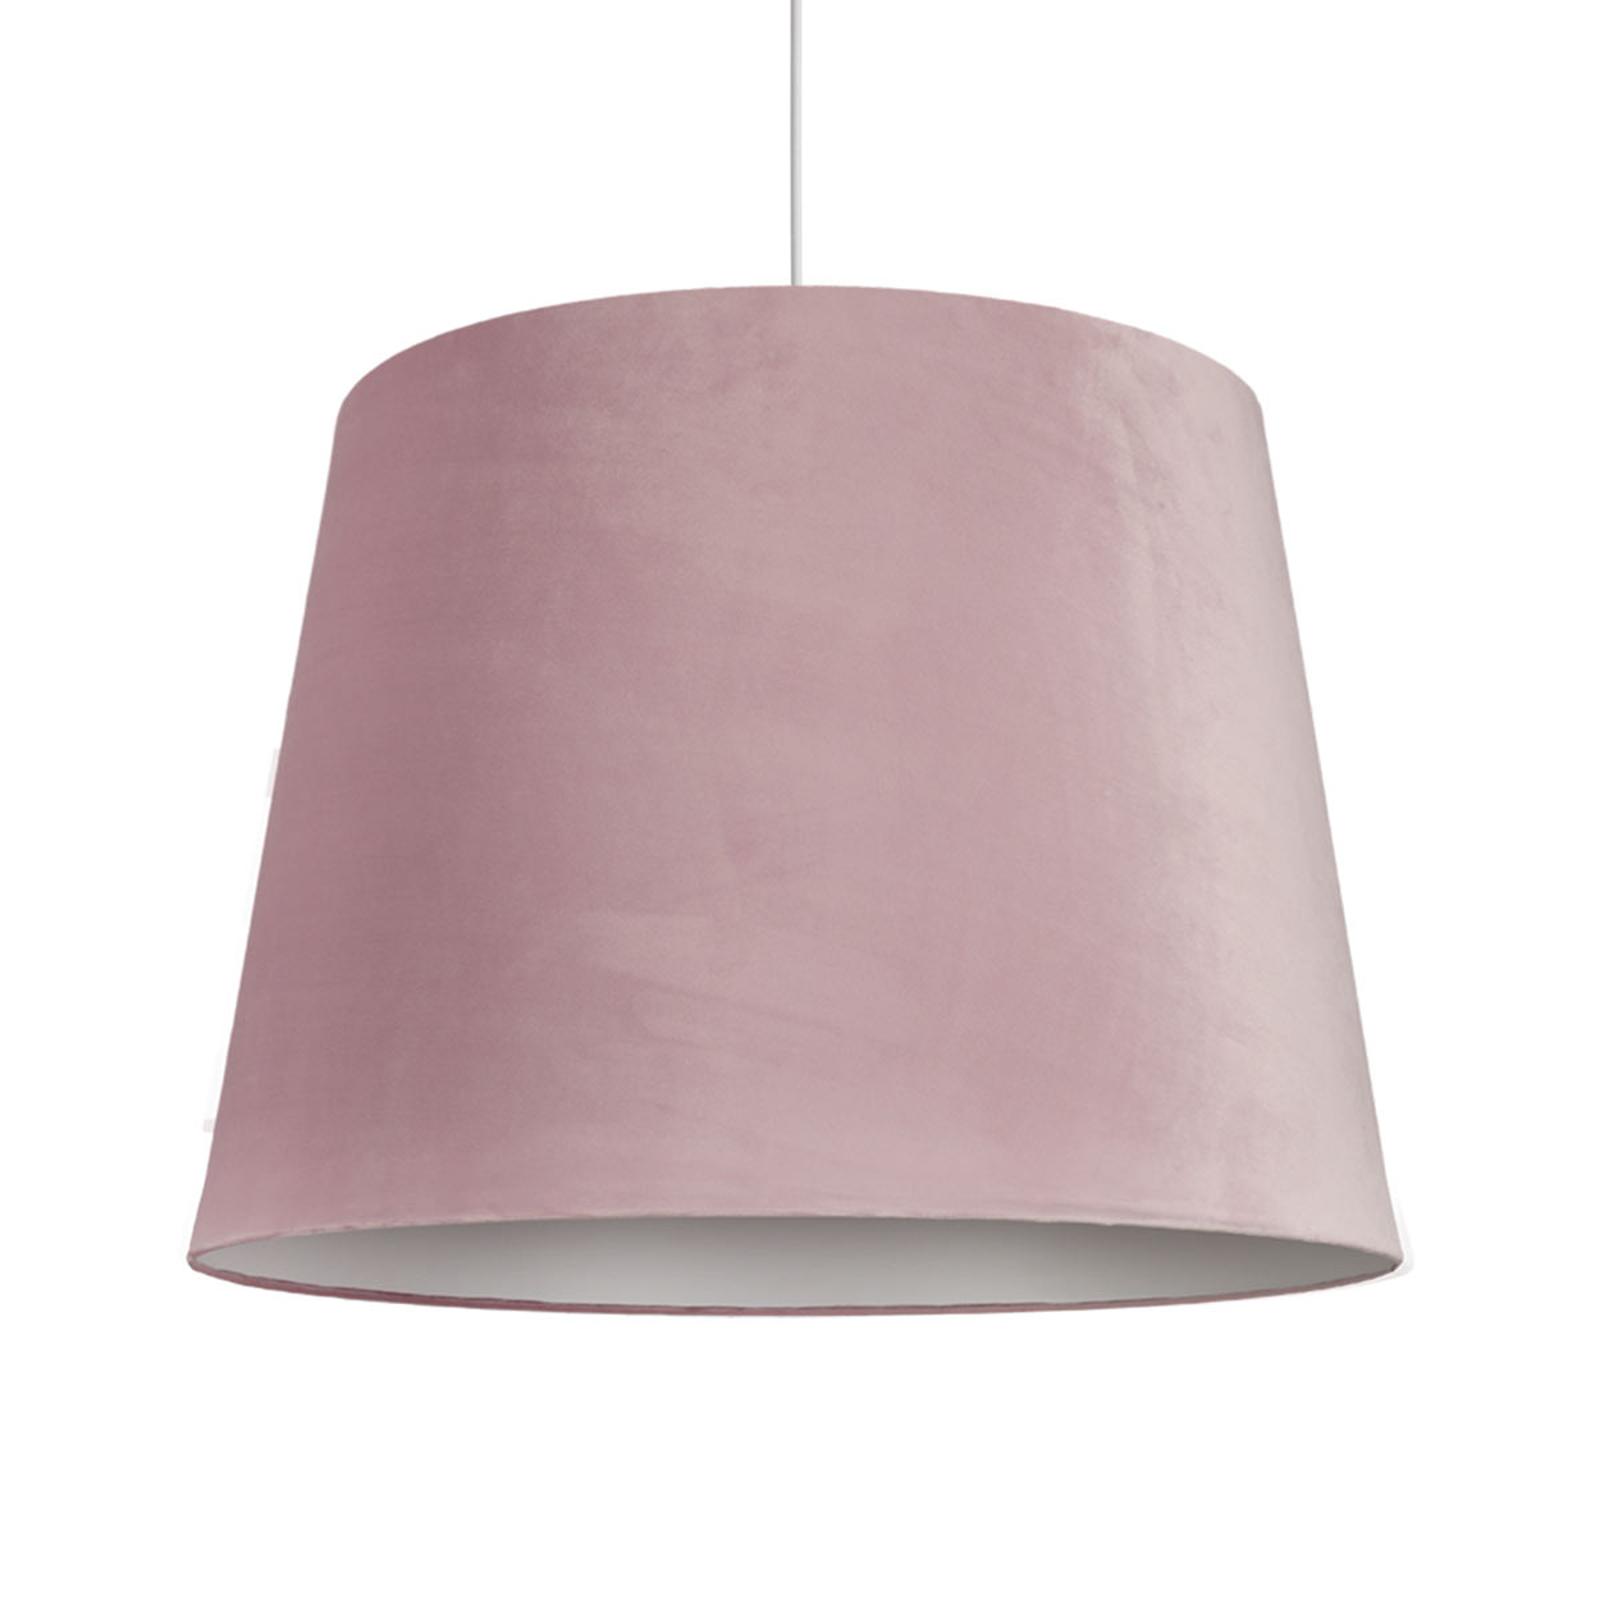 Hengelampe Cone L med fløyelsskjerm, Ø 59 cm, rosa